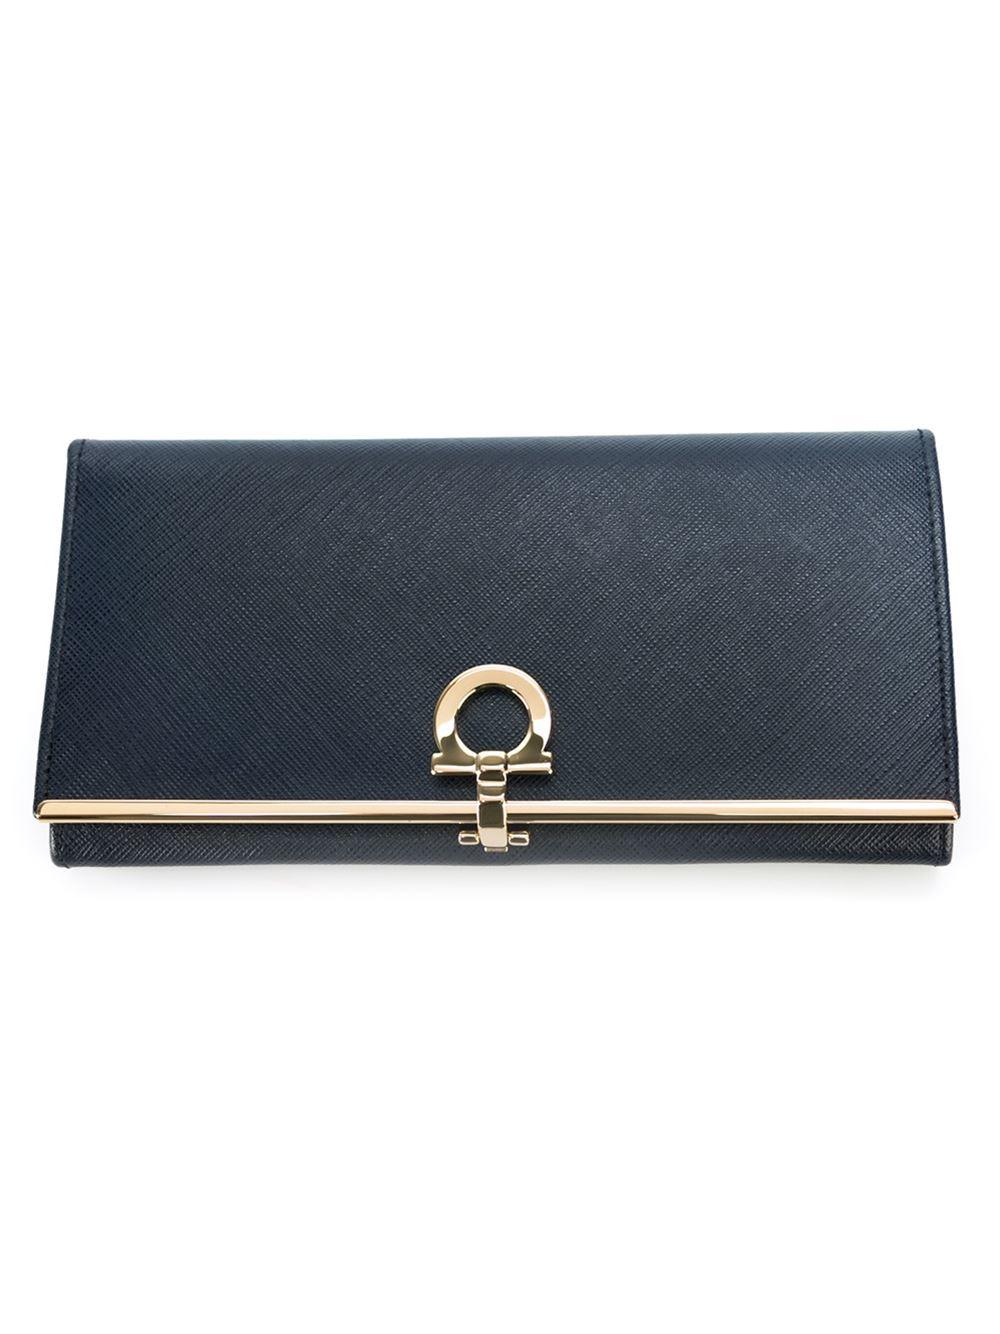 Ferragamo Gancio Flap Wallet In Blue Lyst